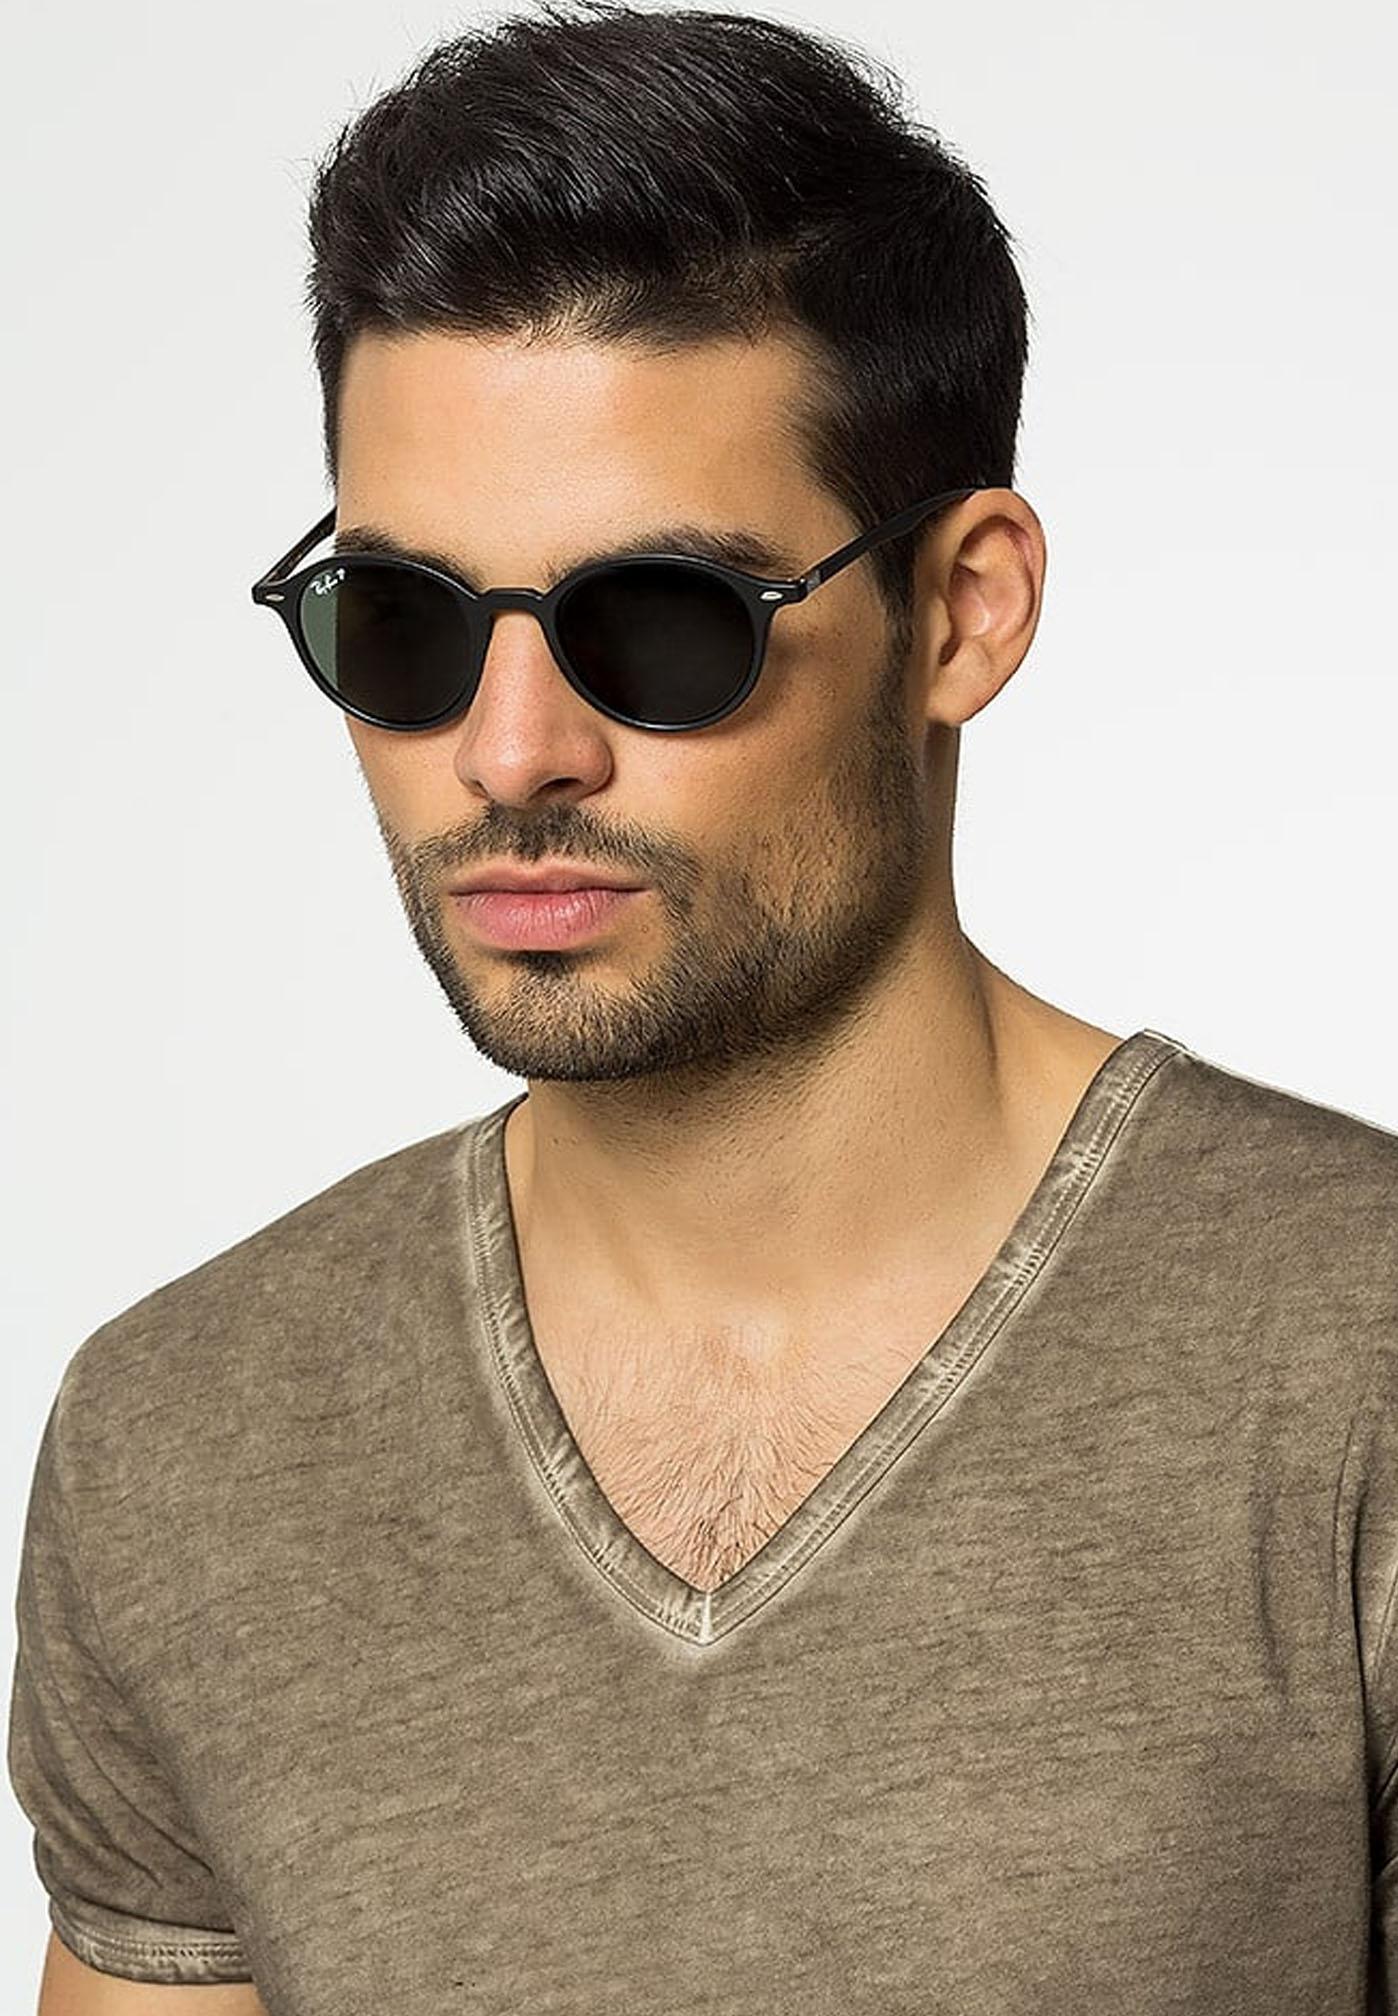 zonnebrillen hoekig gezicht heren